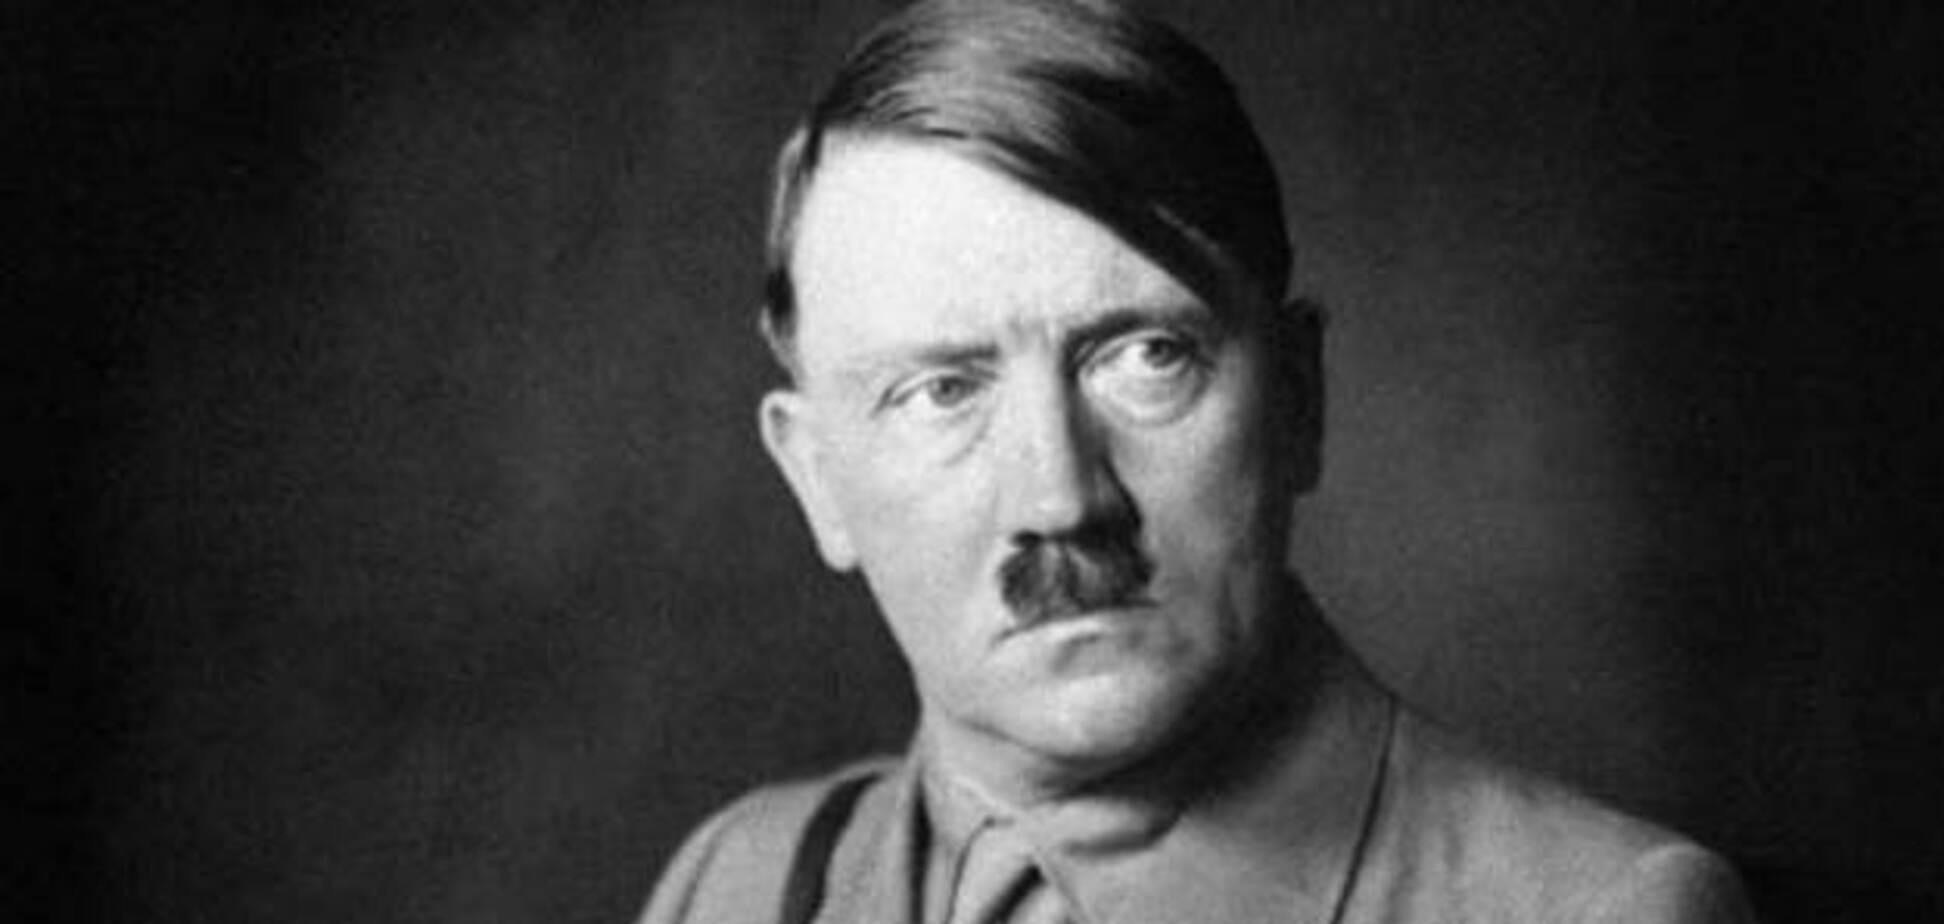 Гітлер - антилюдина століття: влада та кохання